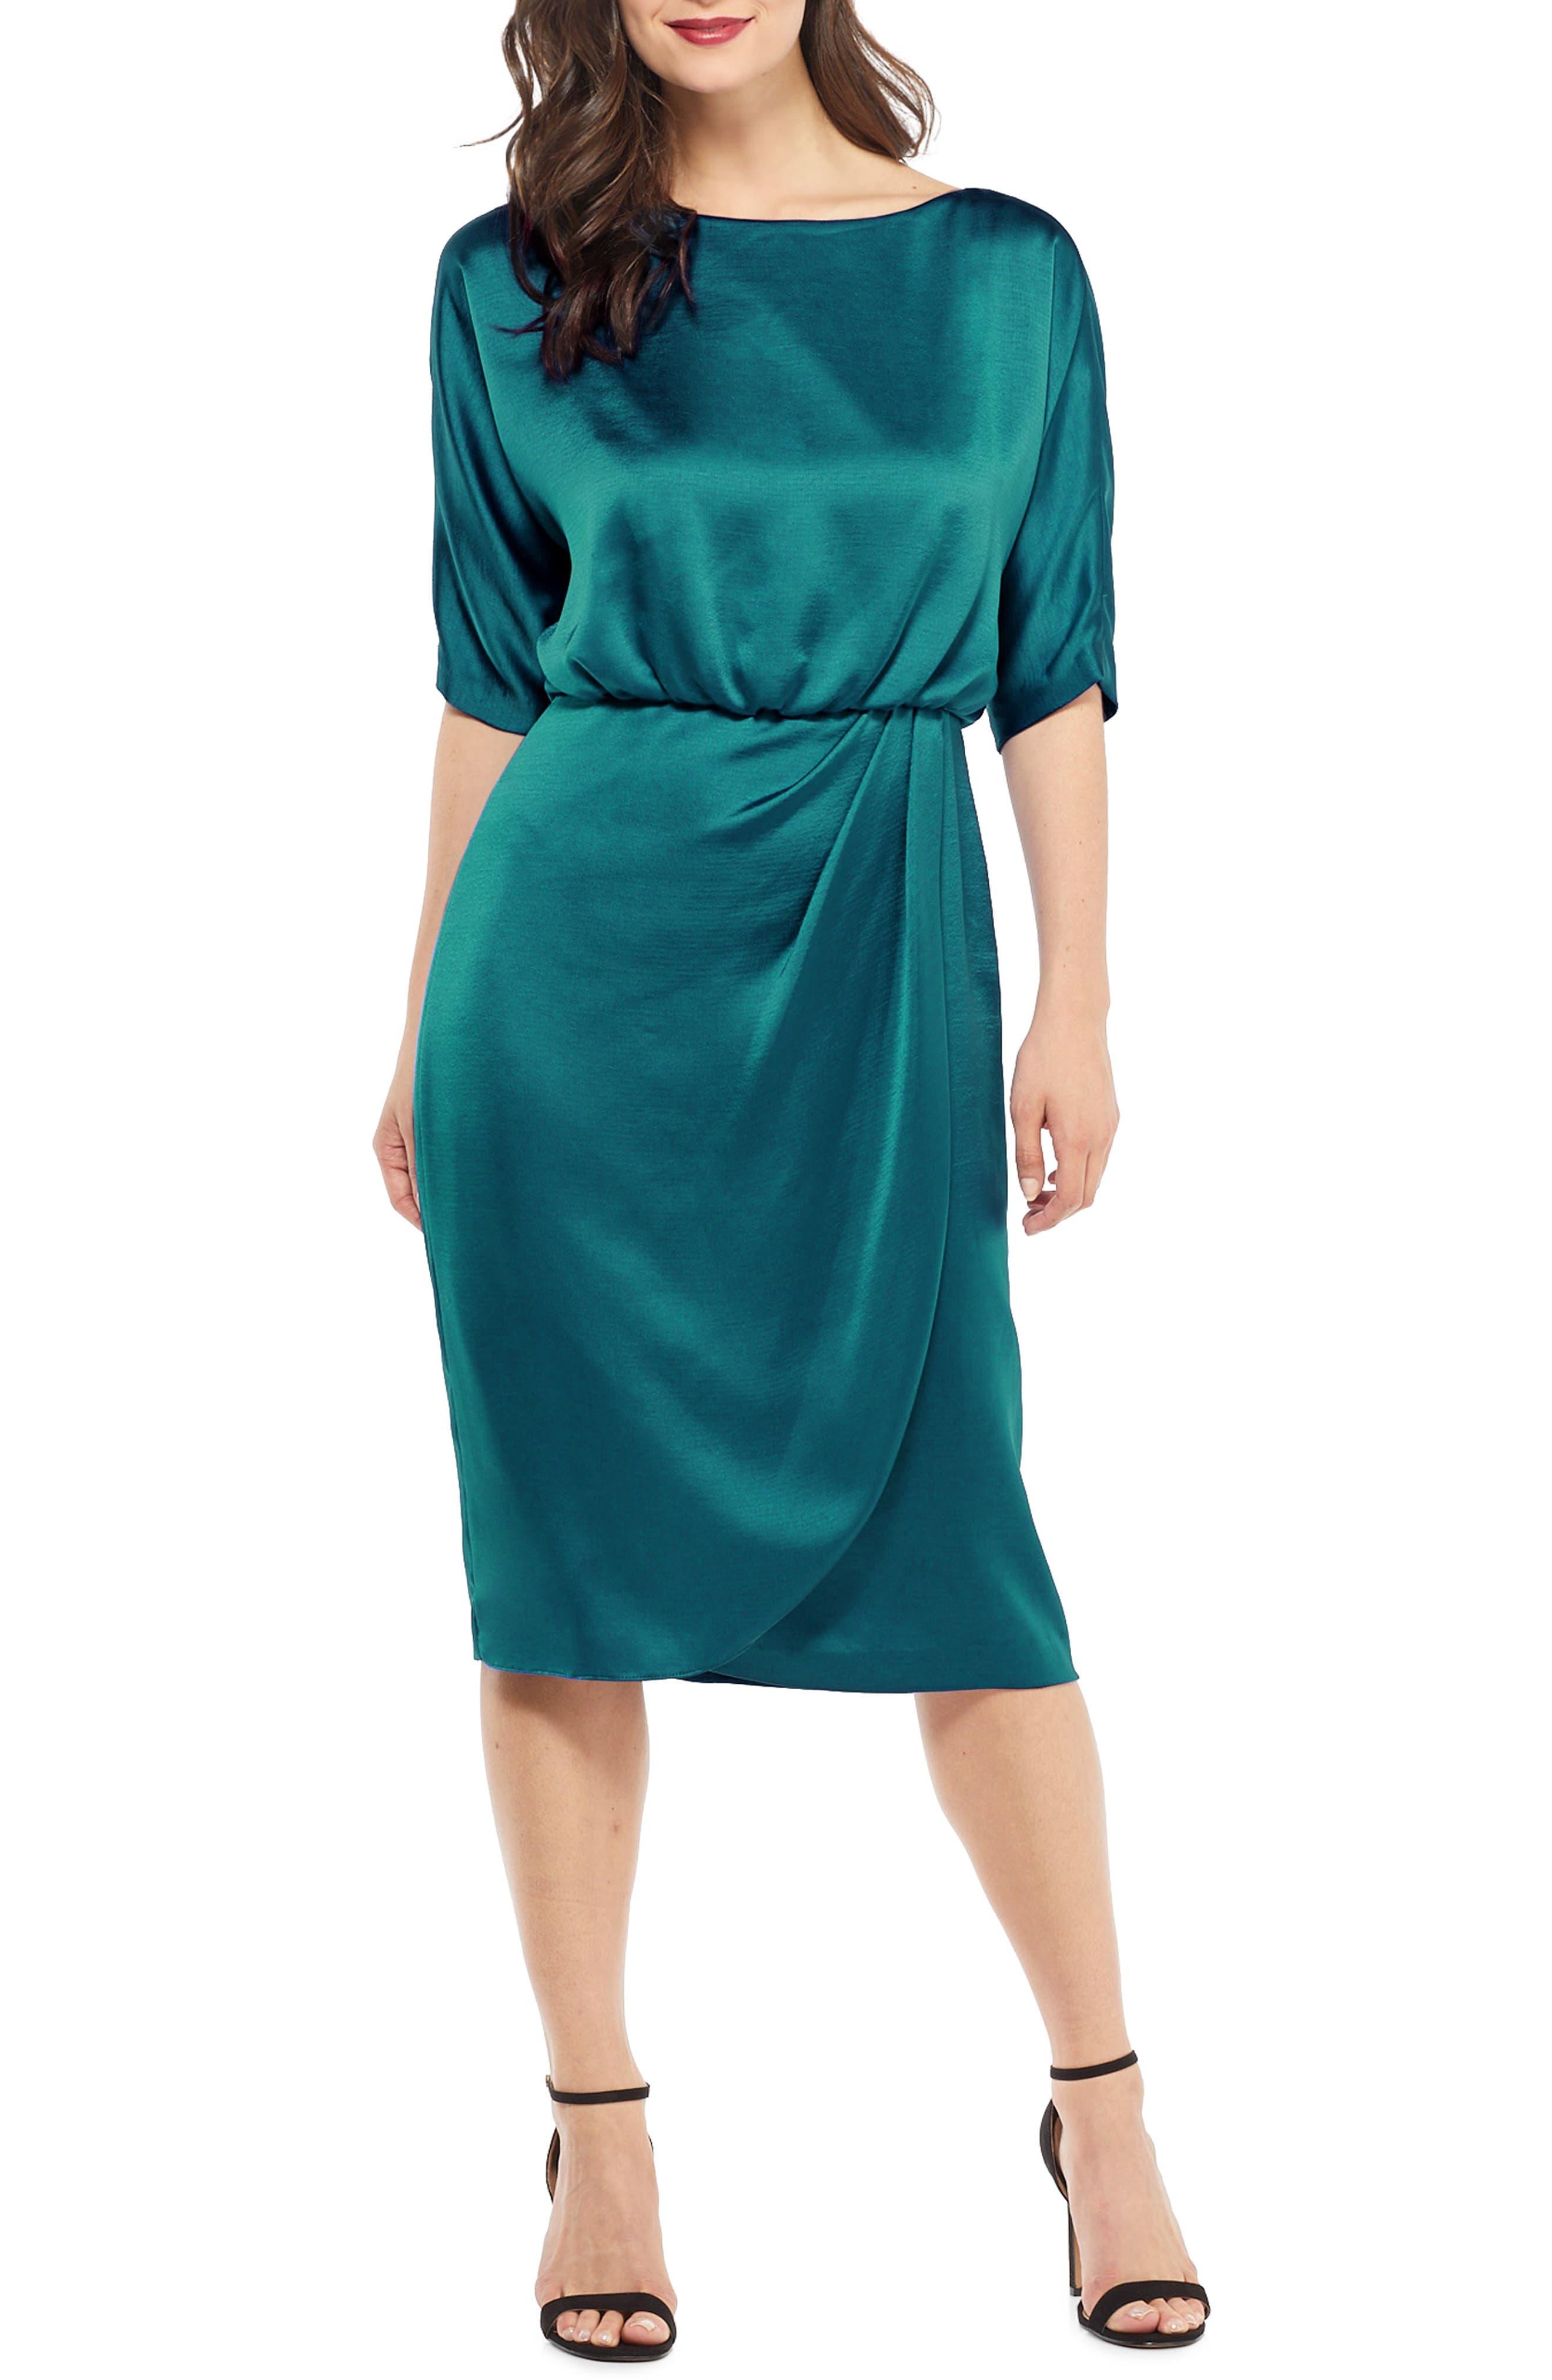 Vintage Cocktail Dresses, Party Dresses, Prom Dresses Womens Maggy London Draped Blouson Dress Size 14 - Blue $82.80 AT vintagedancer.com